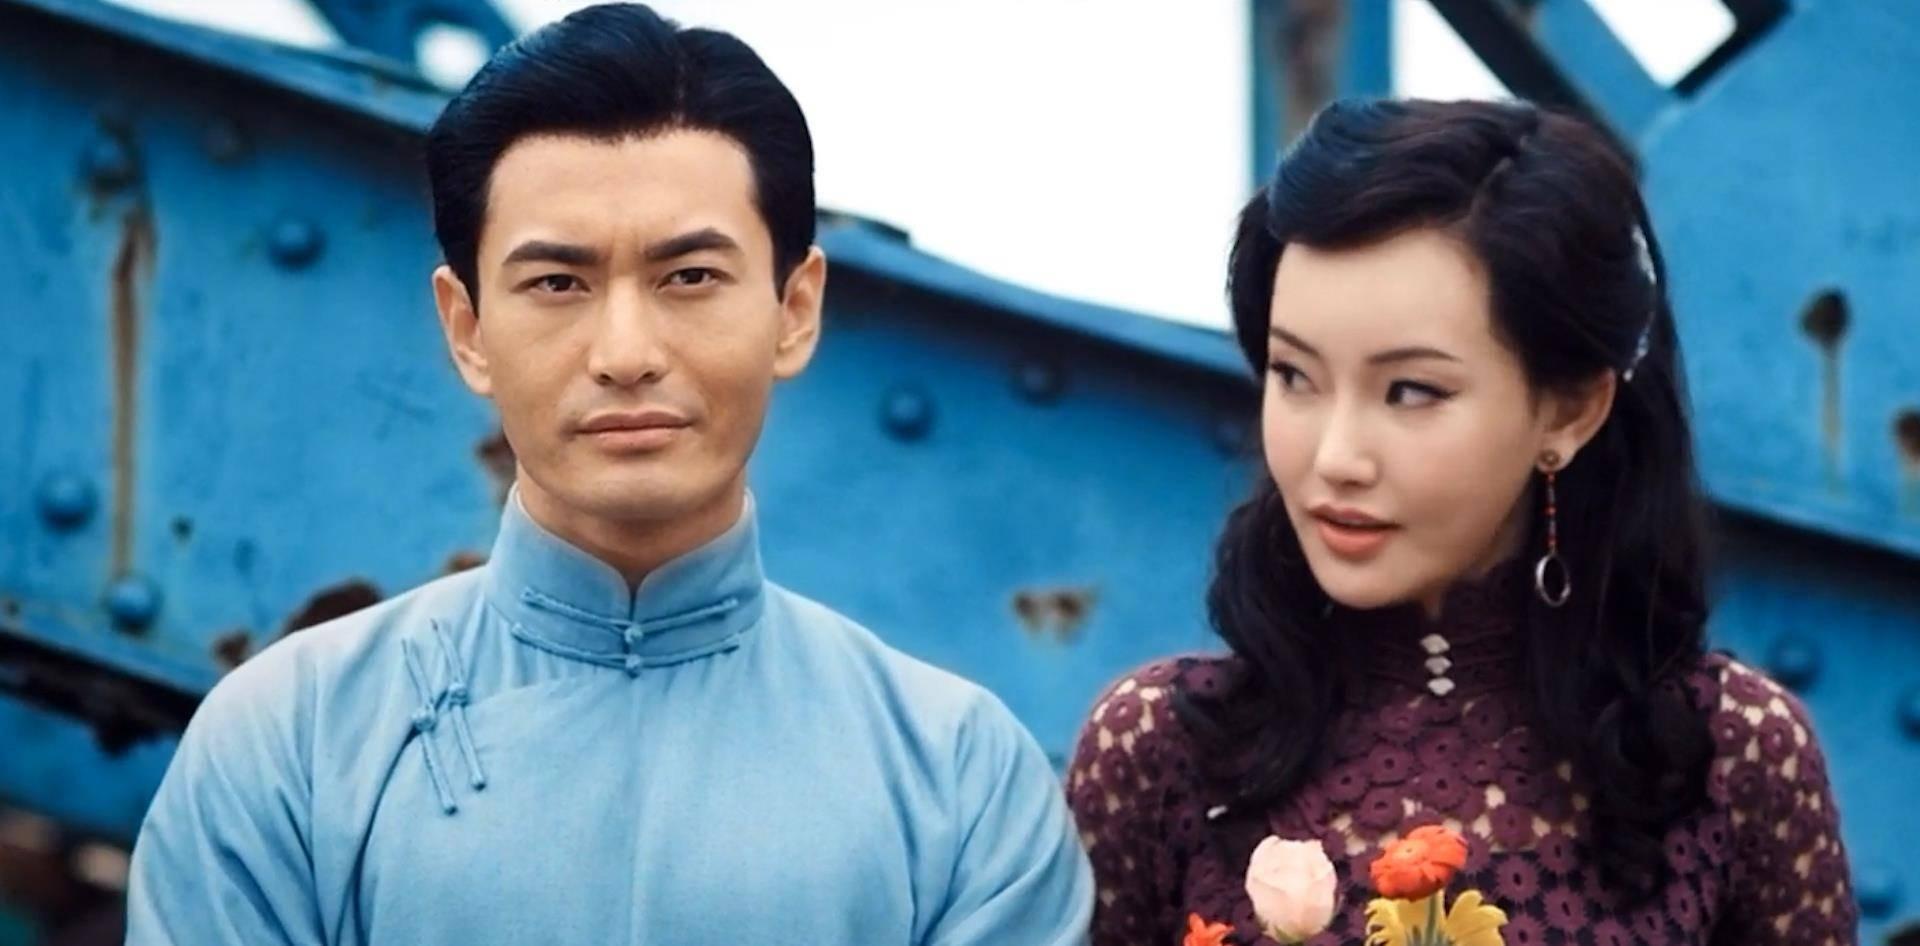 袁泉周润发演的电影叫什么 袁泉 周润发《大上海》